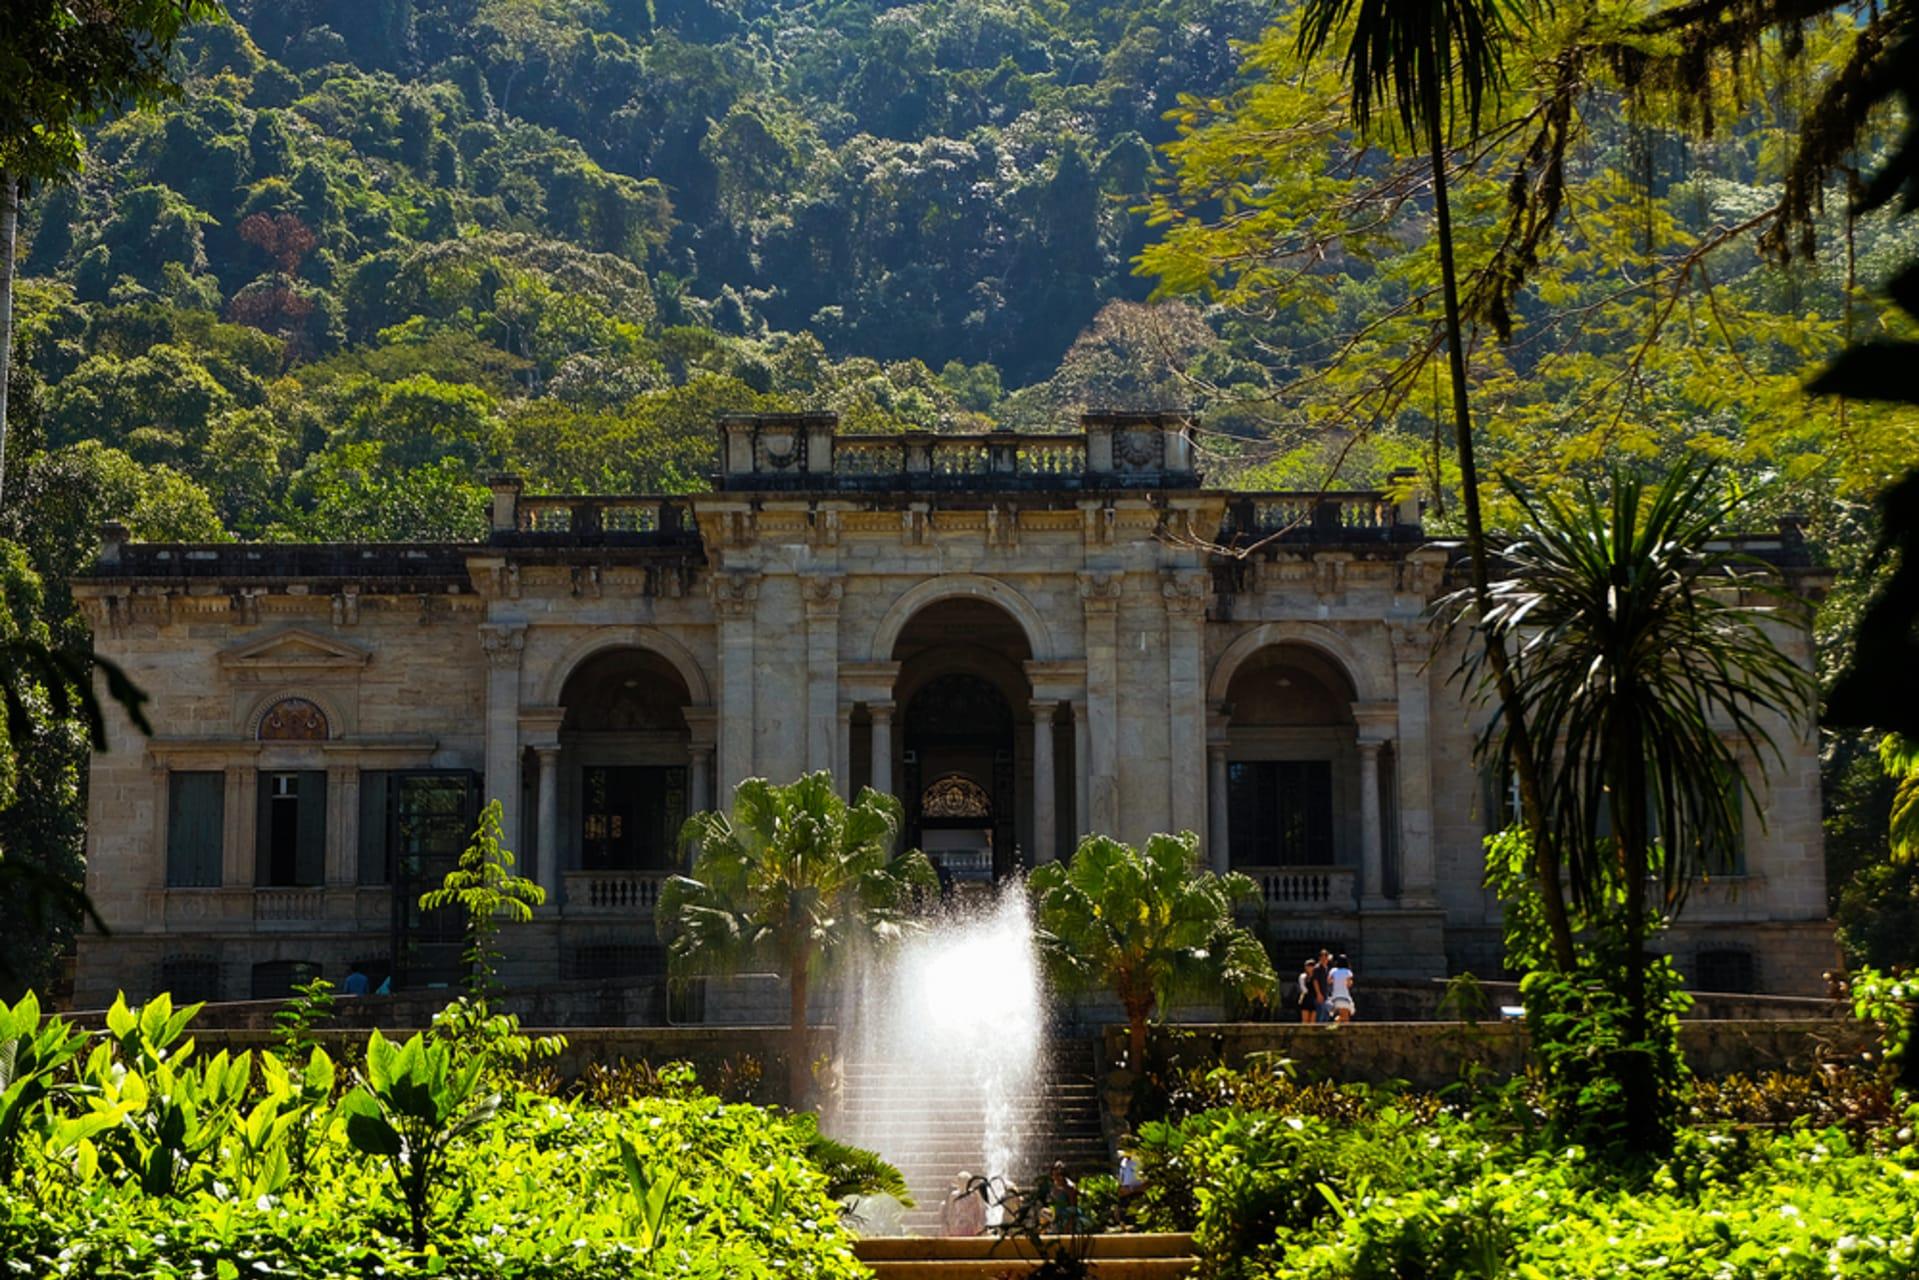 Rio de Janeiro - Parque Lage, A Rio De Janeiro Must-Visit